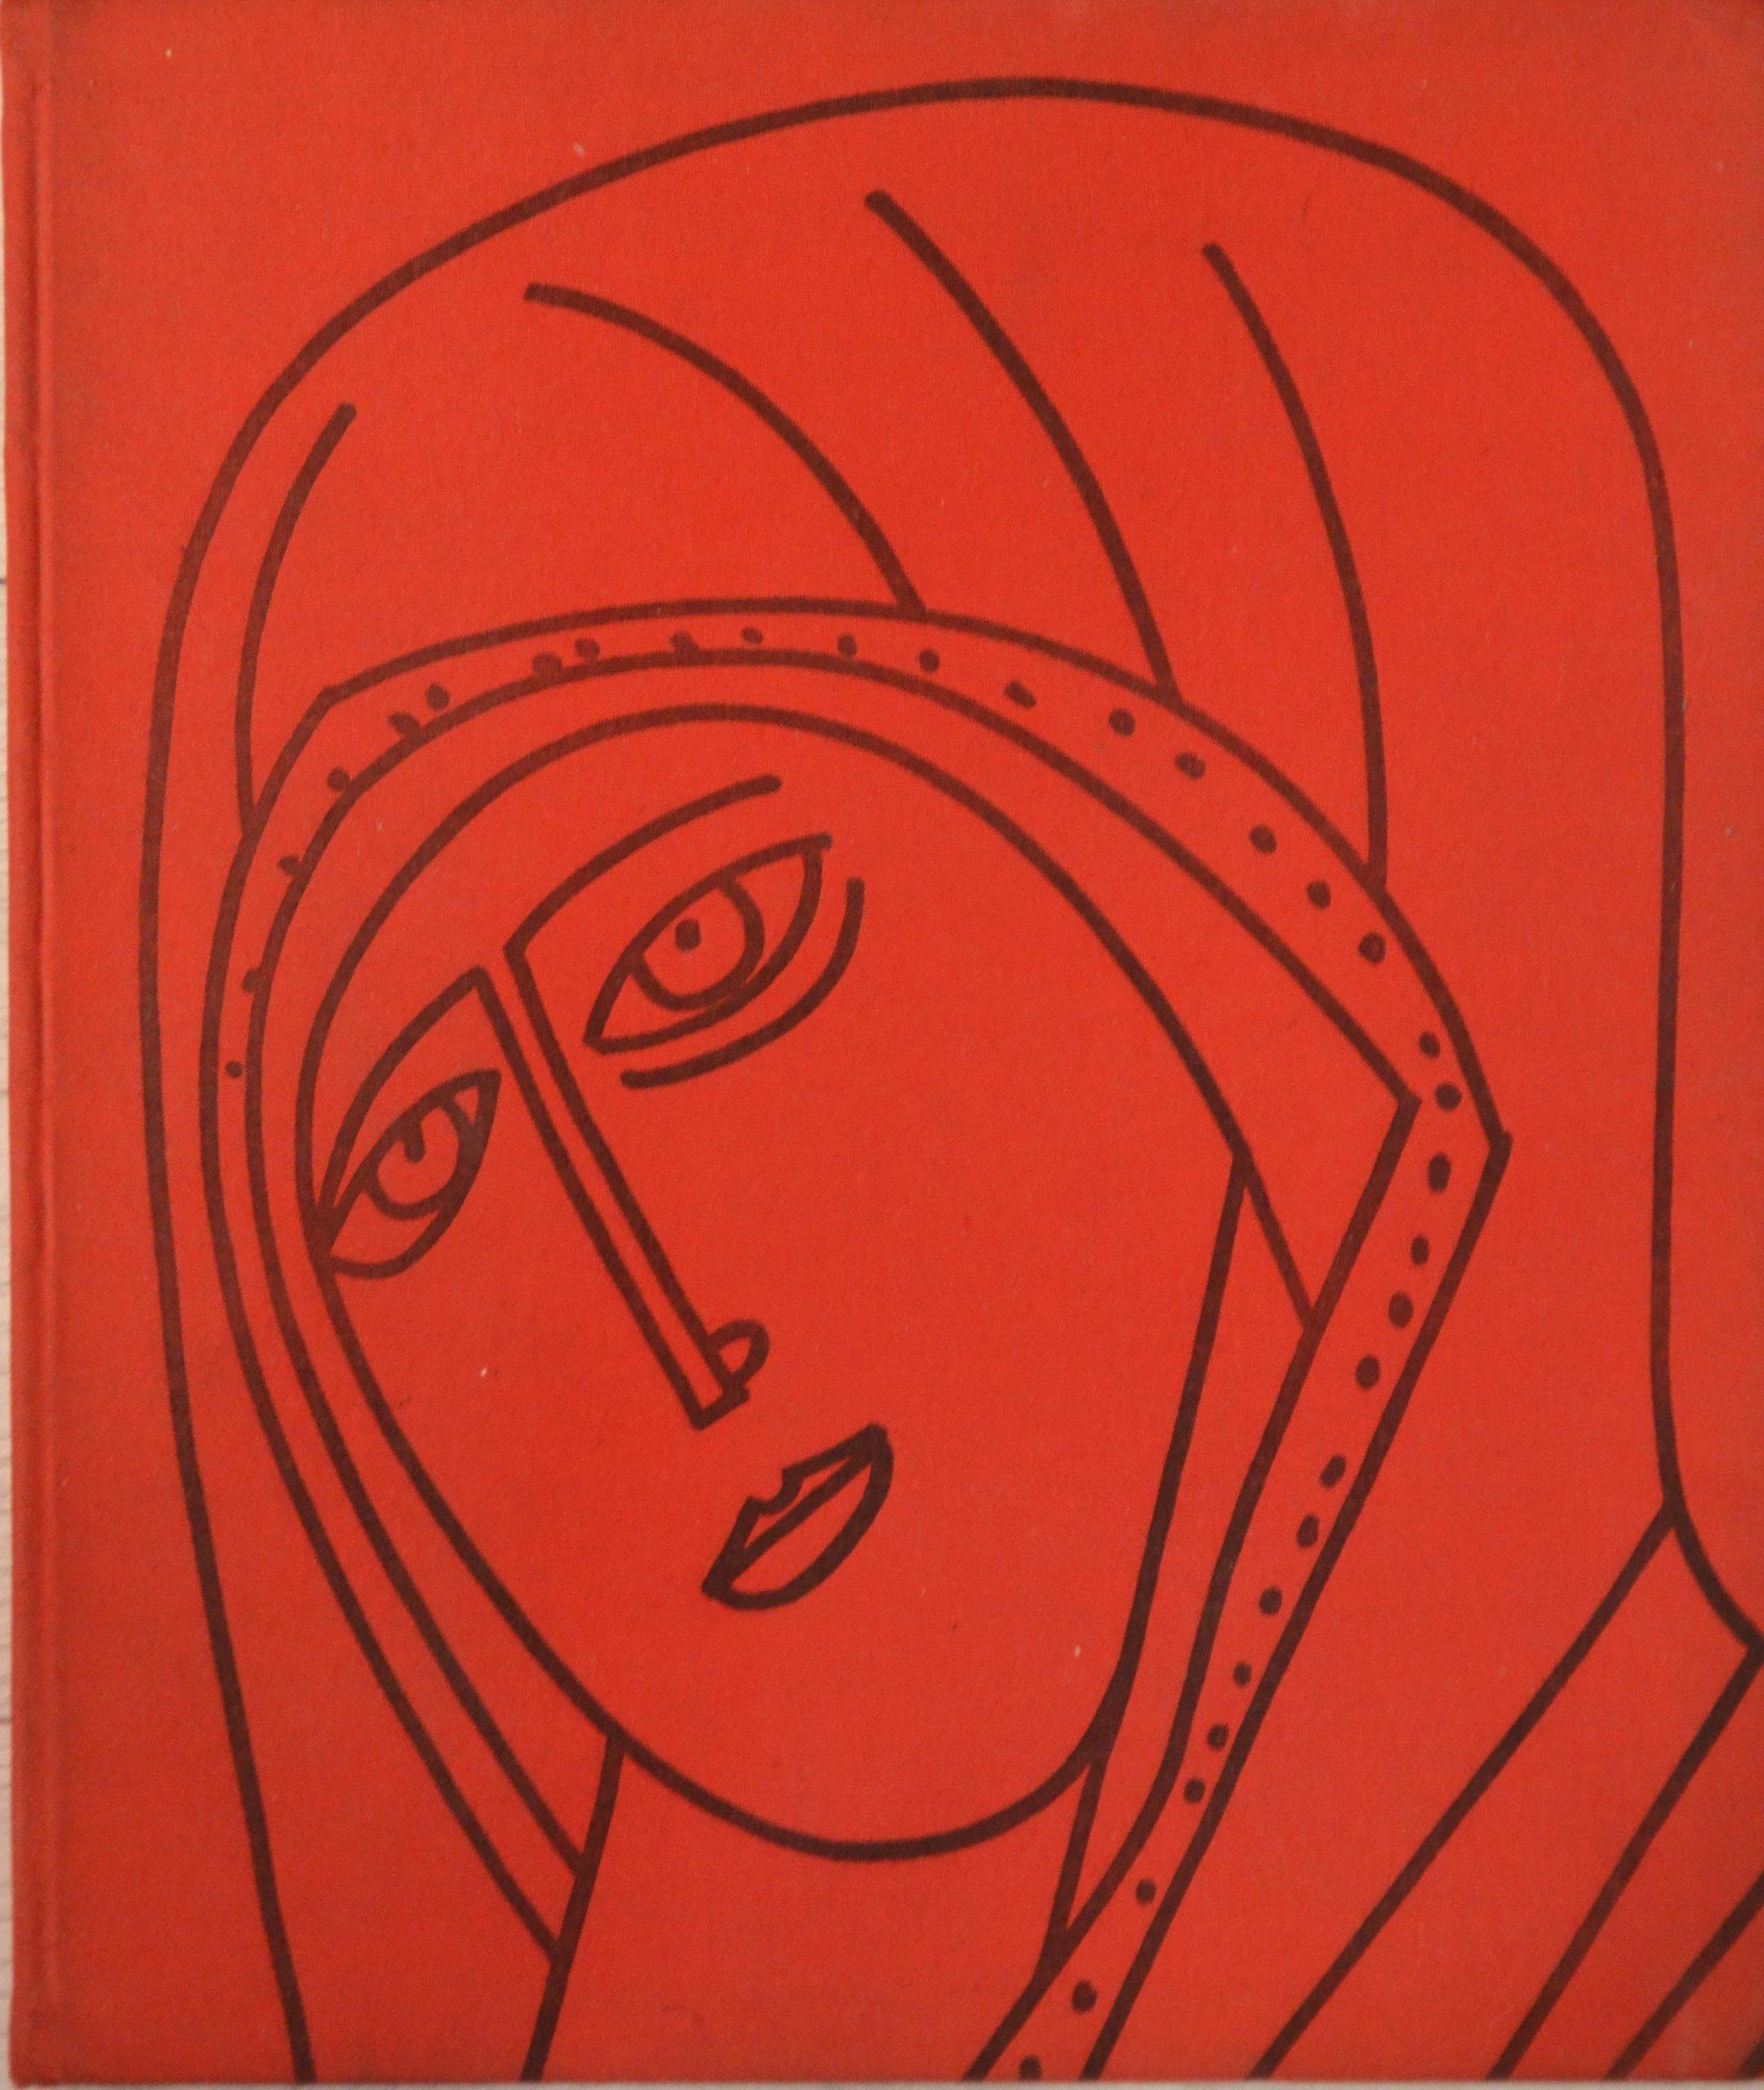 Rosyjska Drewniana Rzeźba Album Po Rosyjsku 7162798027